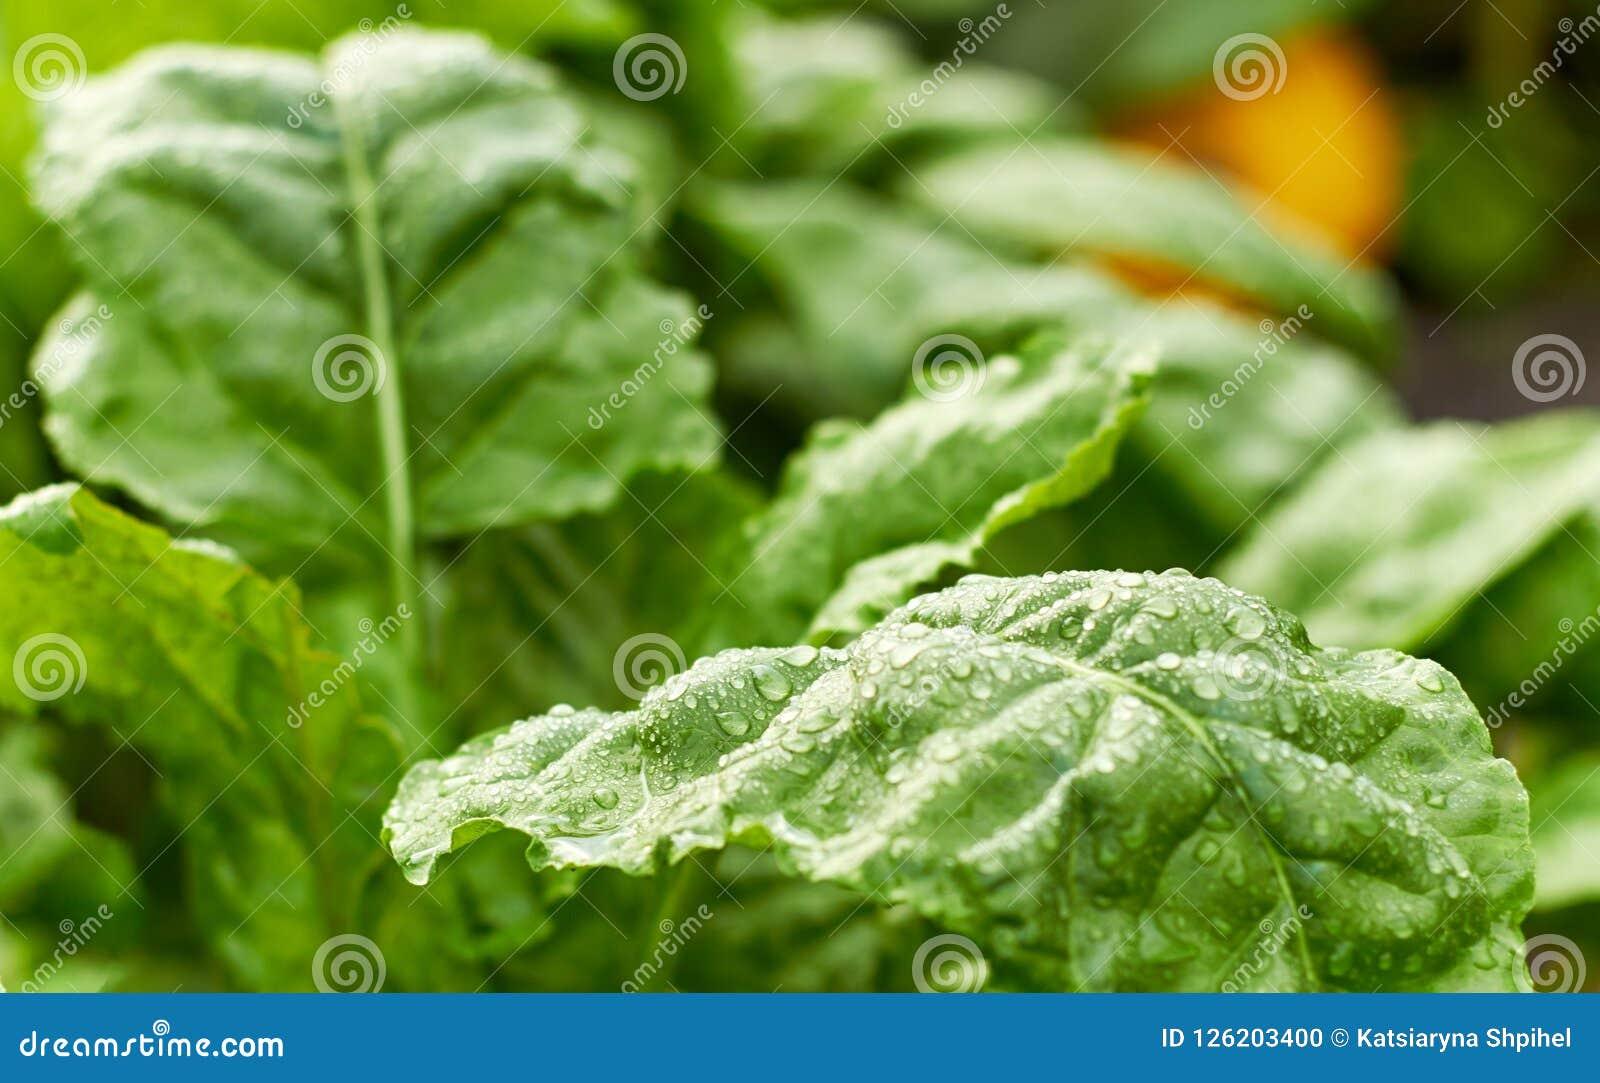 新鲜弄湿绿色甜菜植物和南瓜叶子在床上在背景,